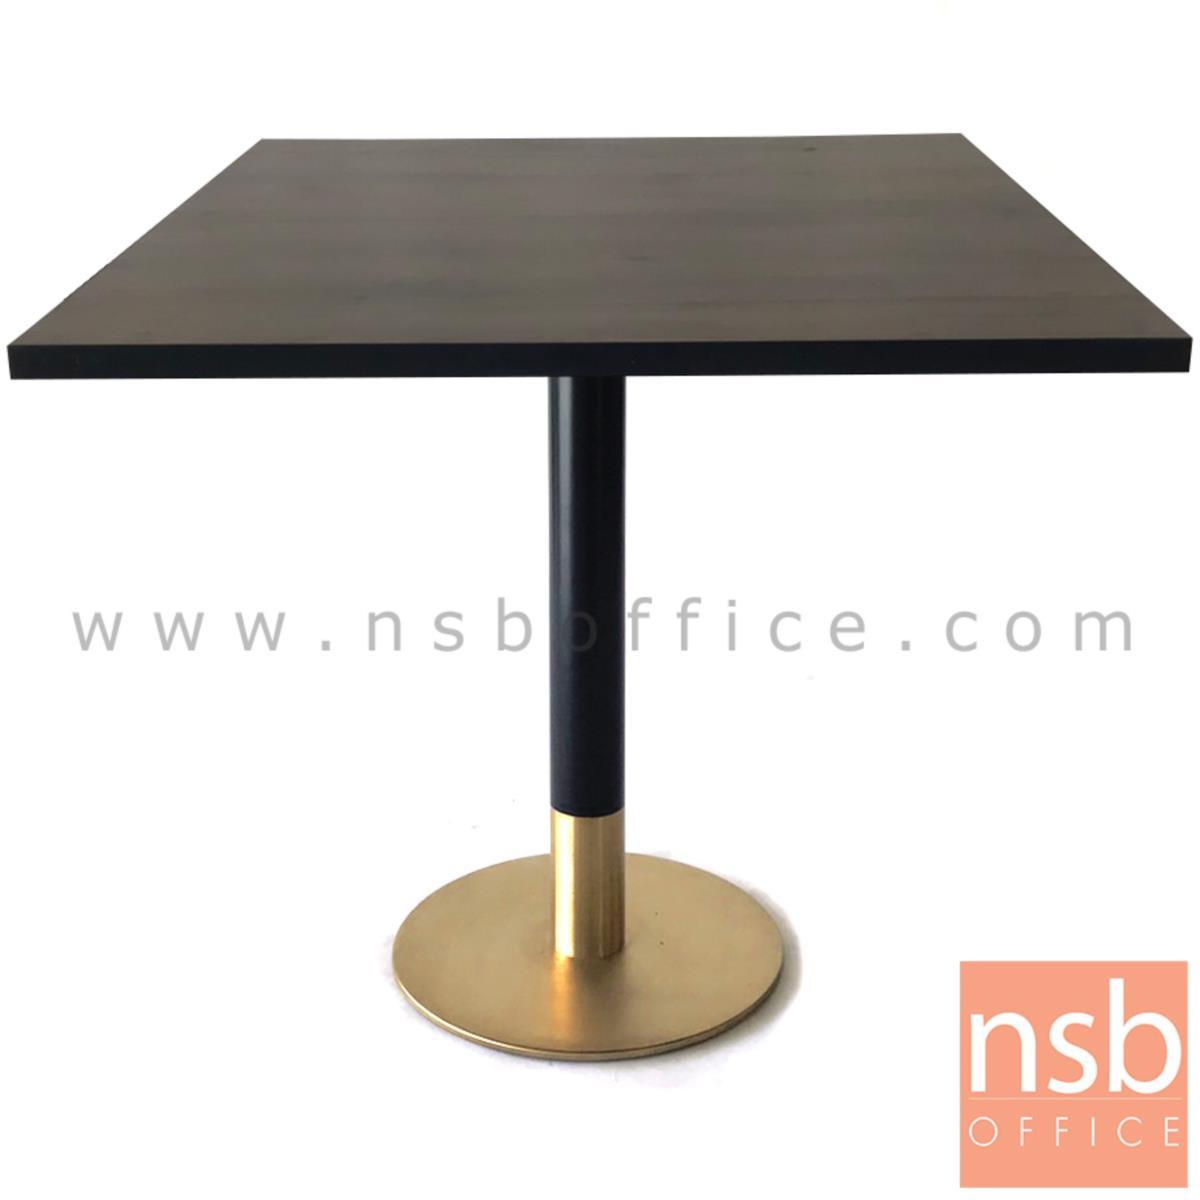 ขาโต๊ะบาร์จานกลม (สีดำ-ทอง) BLACKGOLD